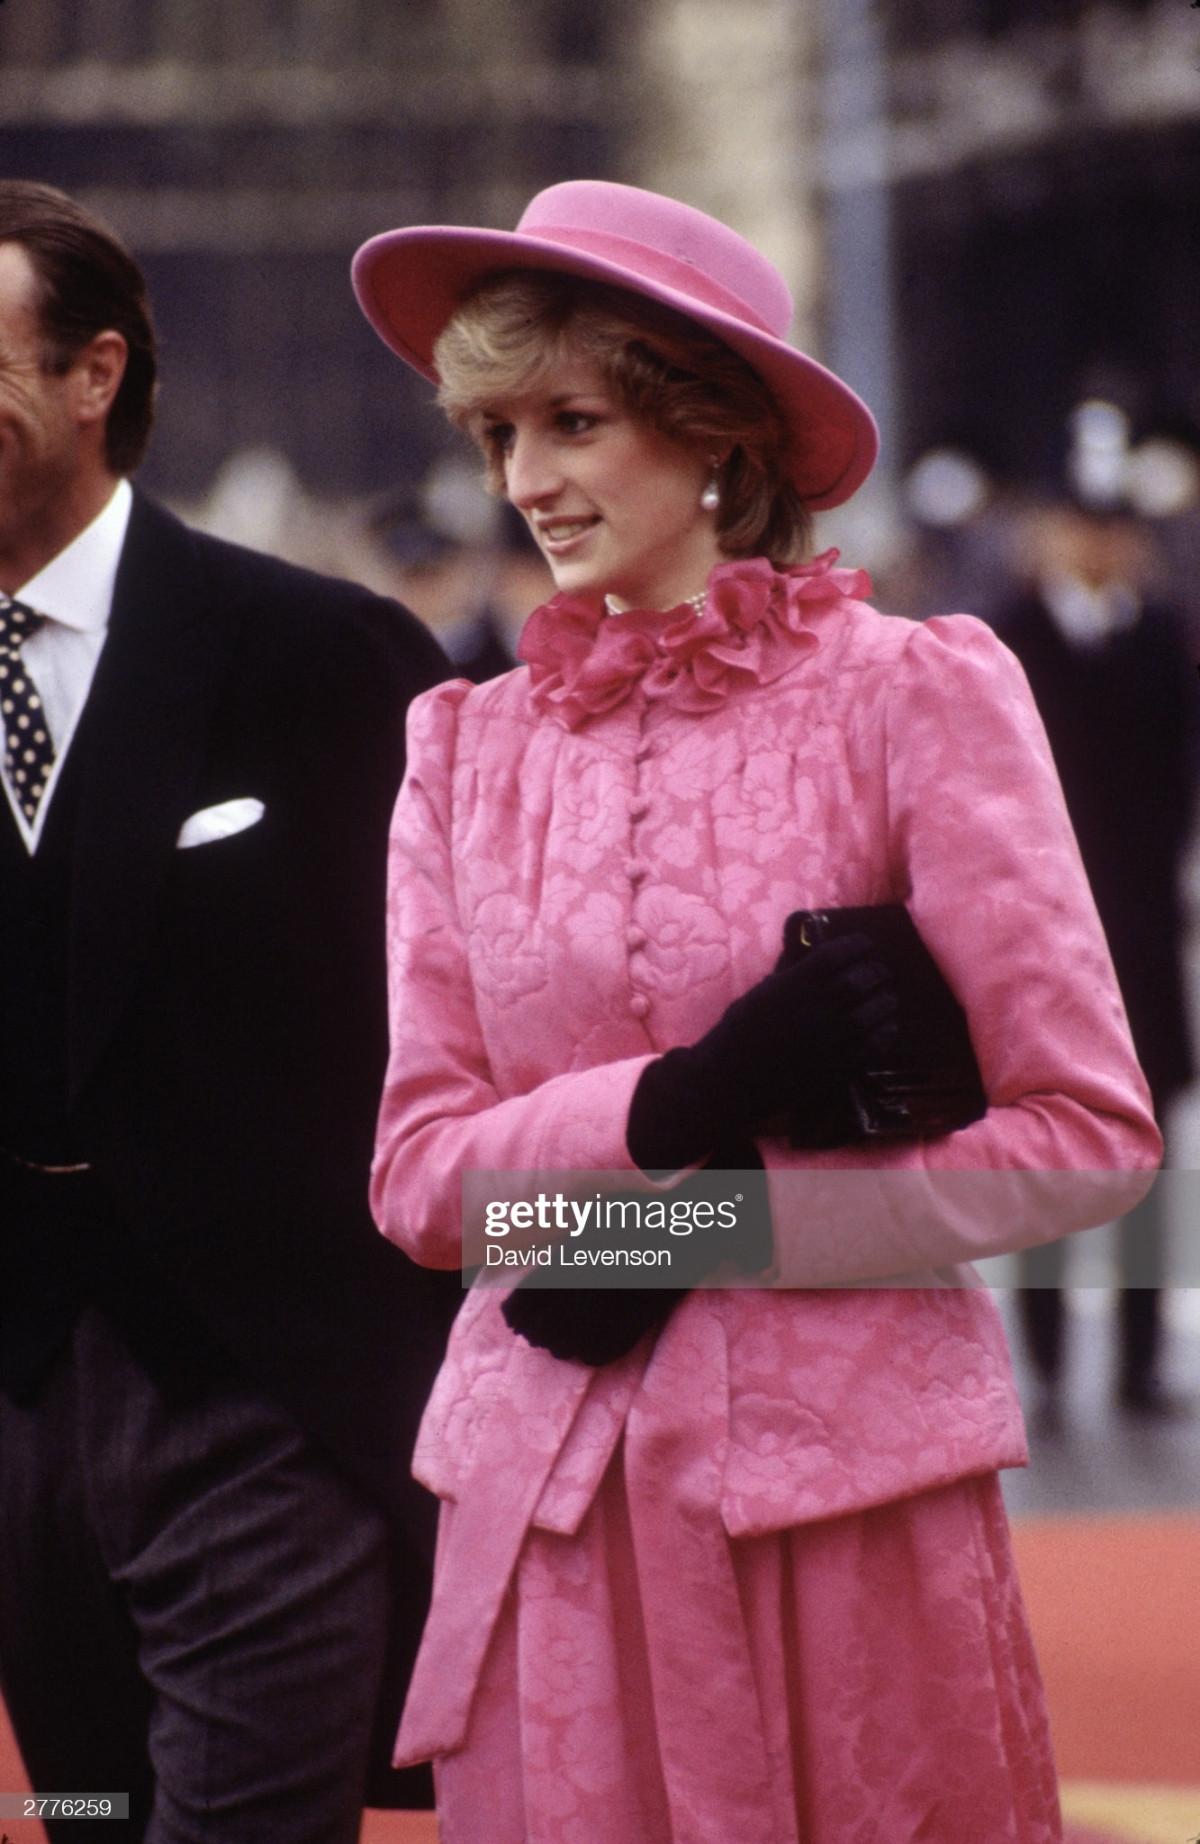 Công nương Diana Diện trang phục màu hồng quý phái, thanh lịch khó sánh - 8